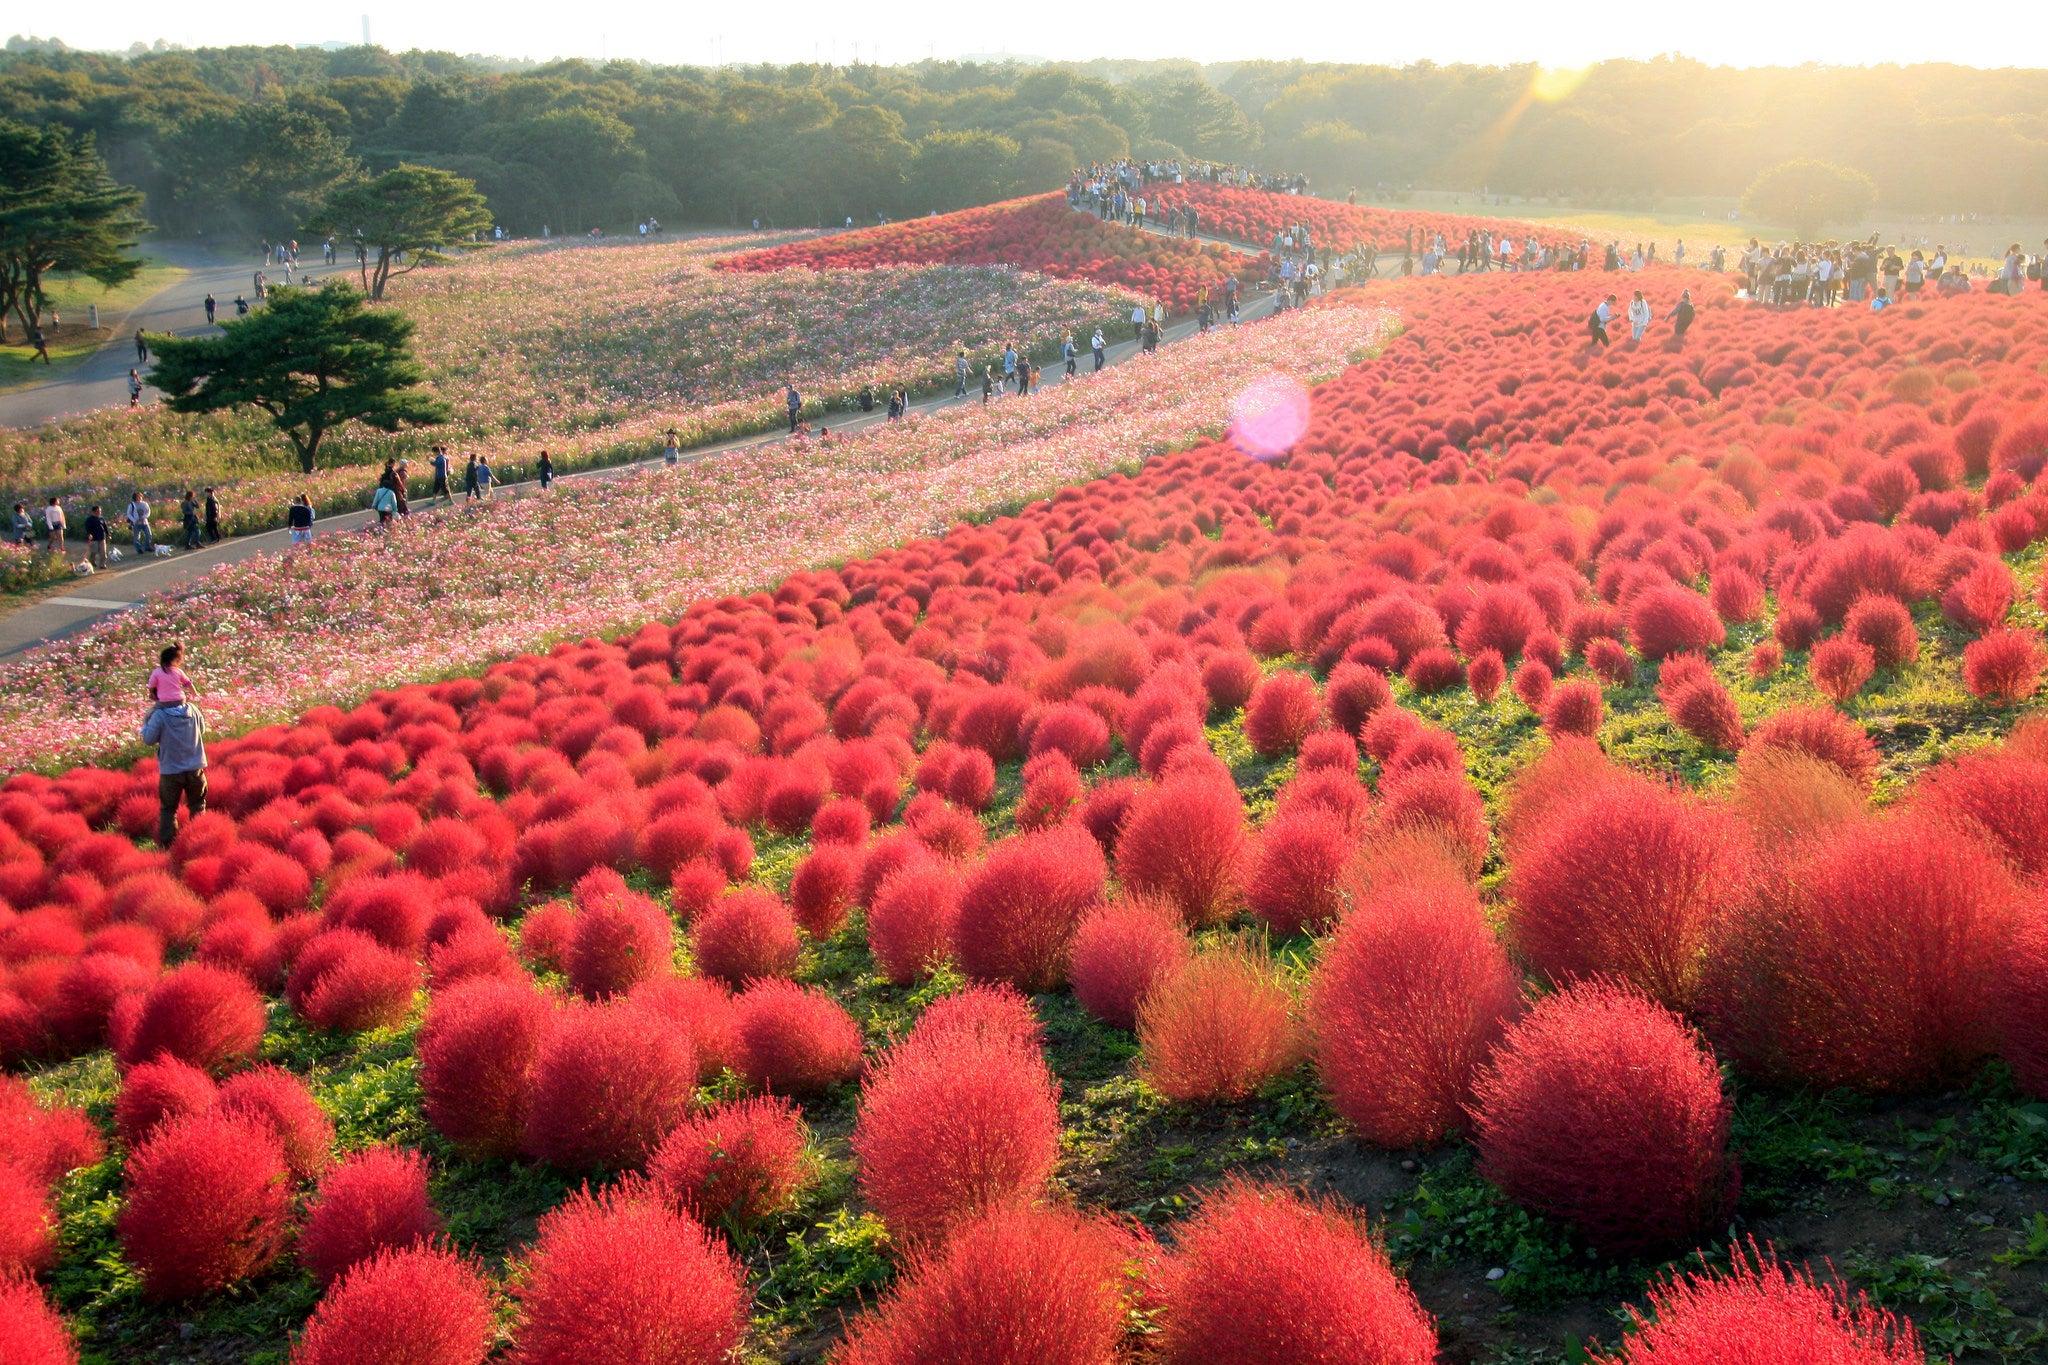 außergewöhnliche reiseziele weltweit